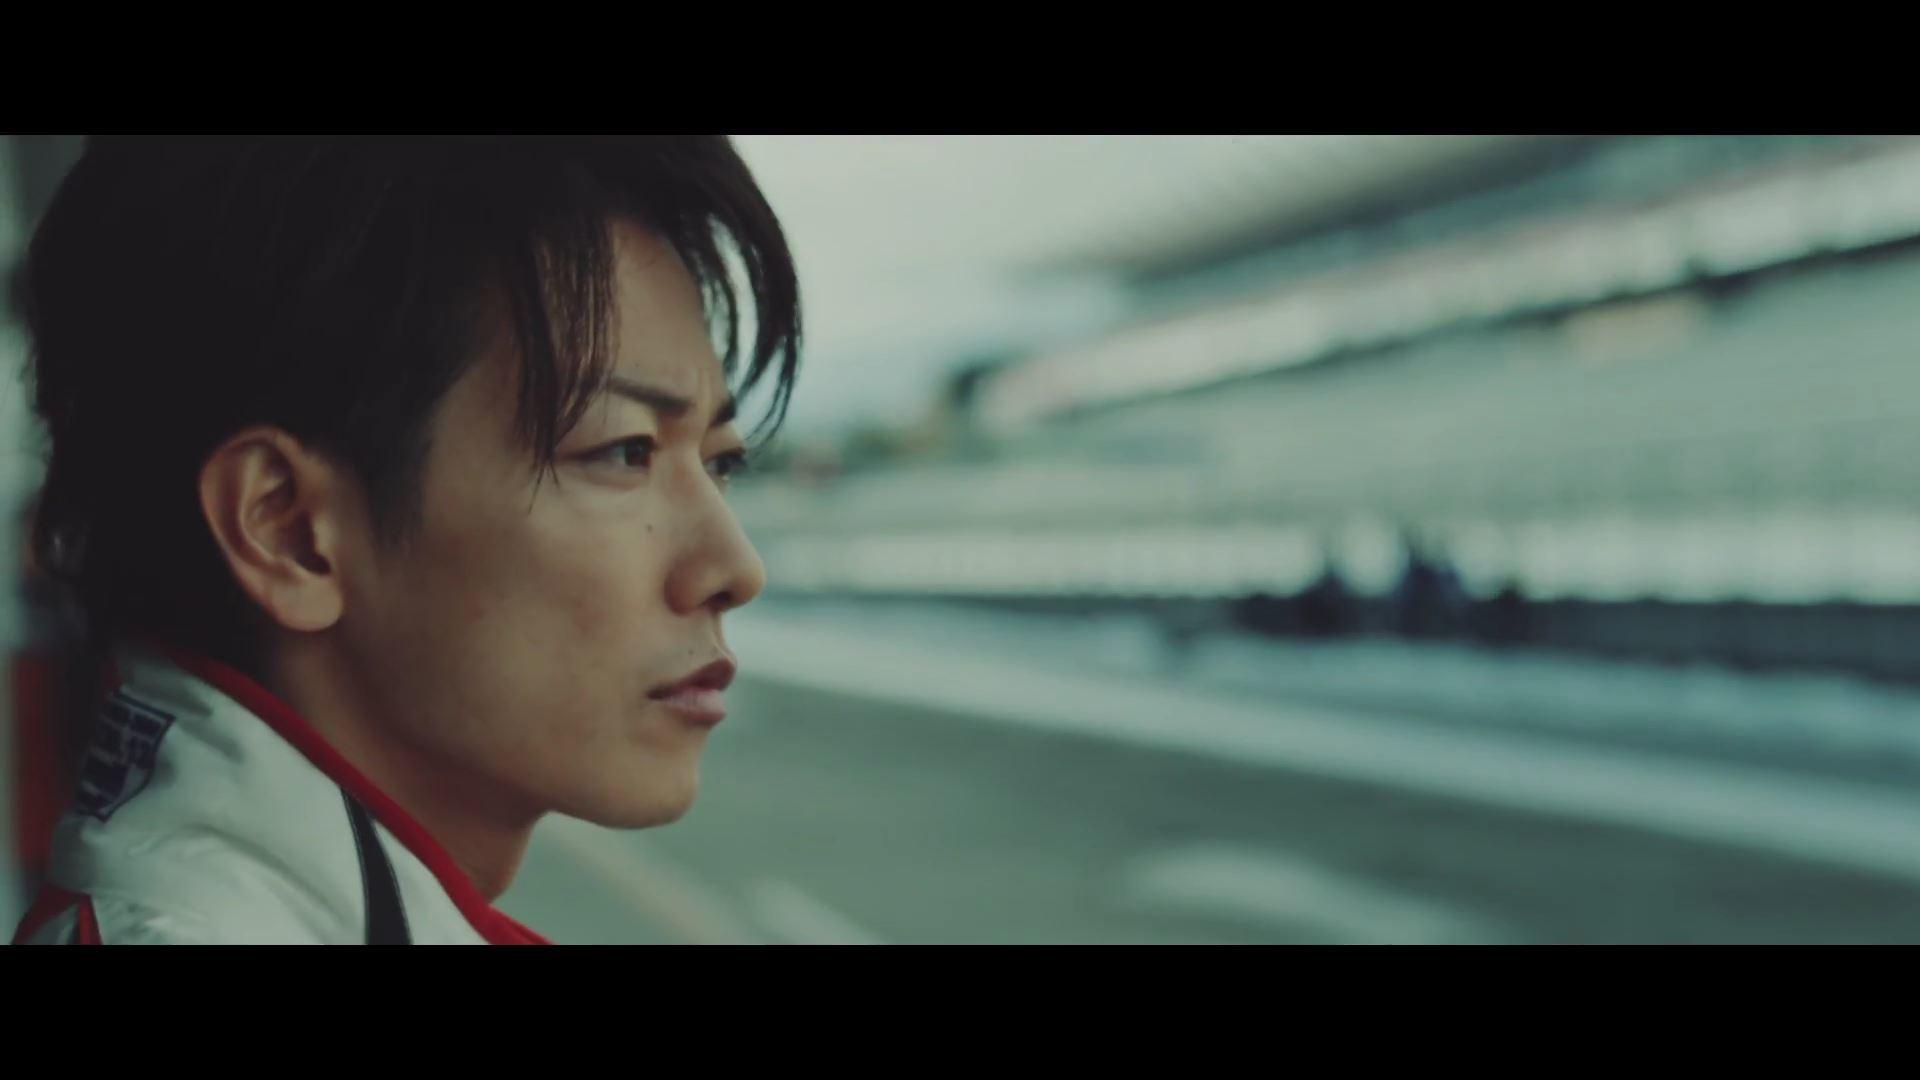 佐藤健 「TAKERU SATOH meets GAZOO MORIZO篇」